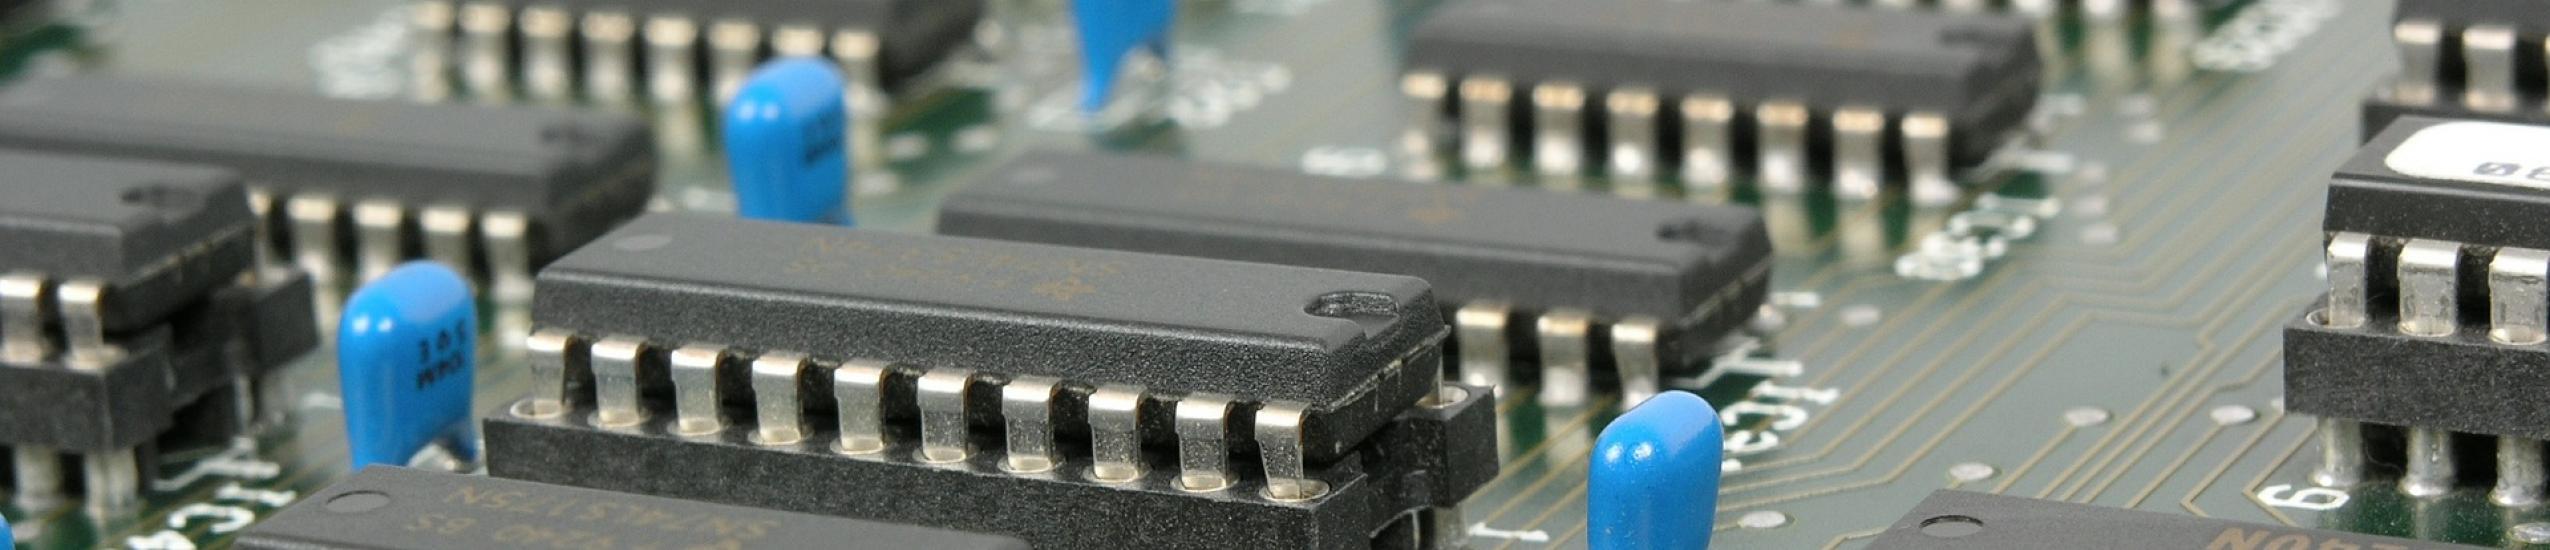 Istruzione e formazione professionale » Operatore elettronico